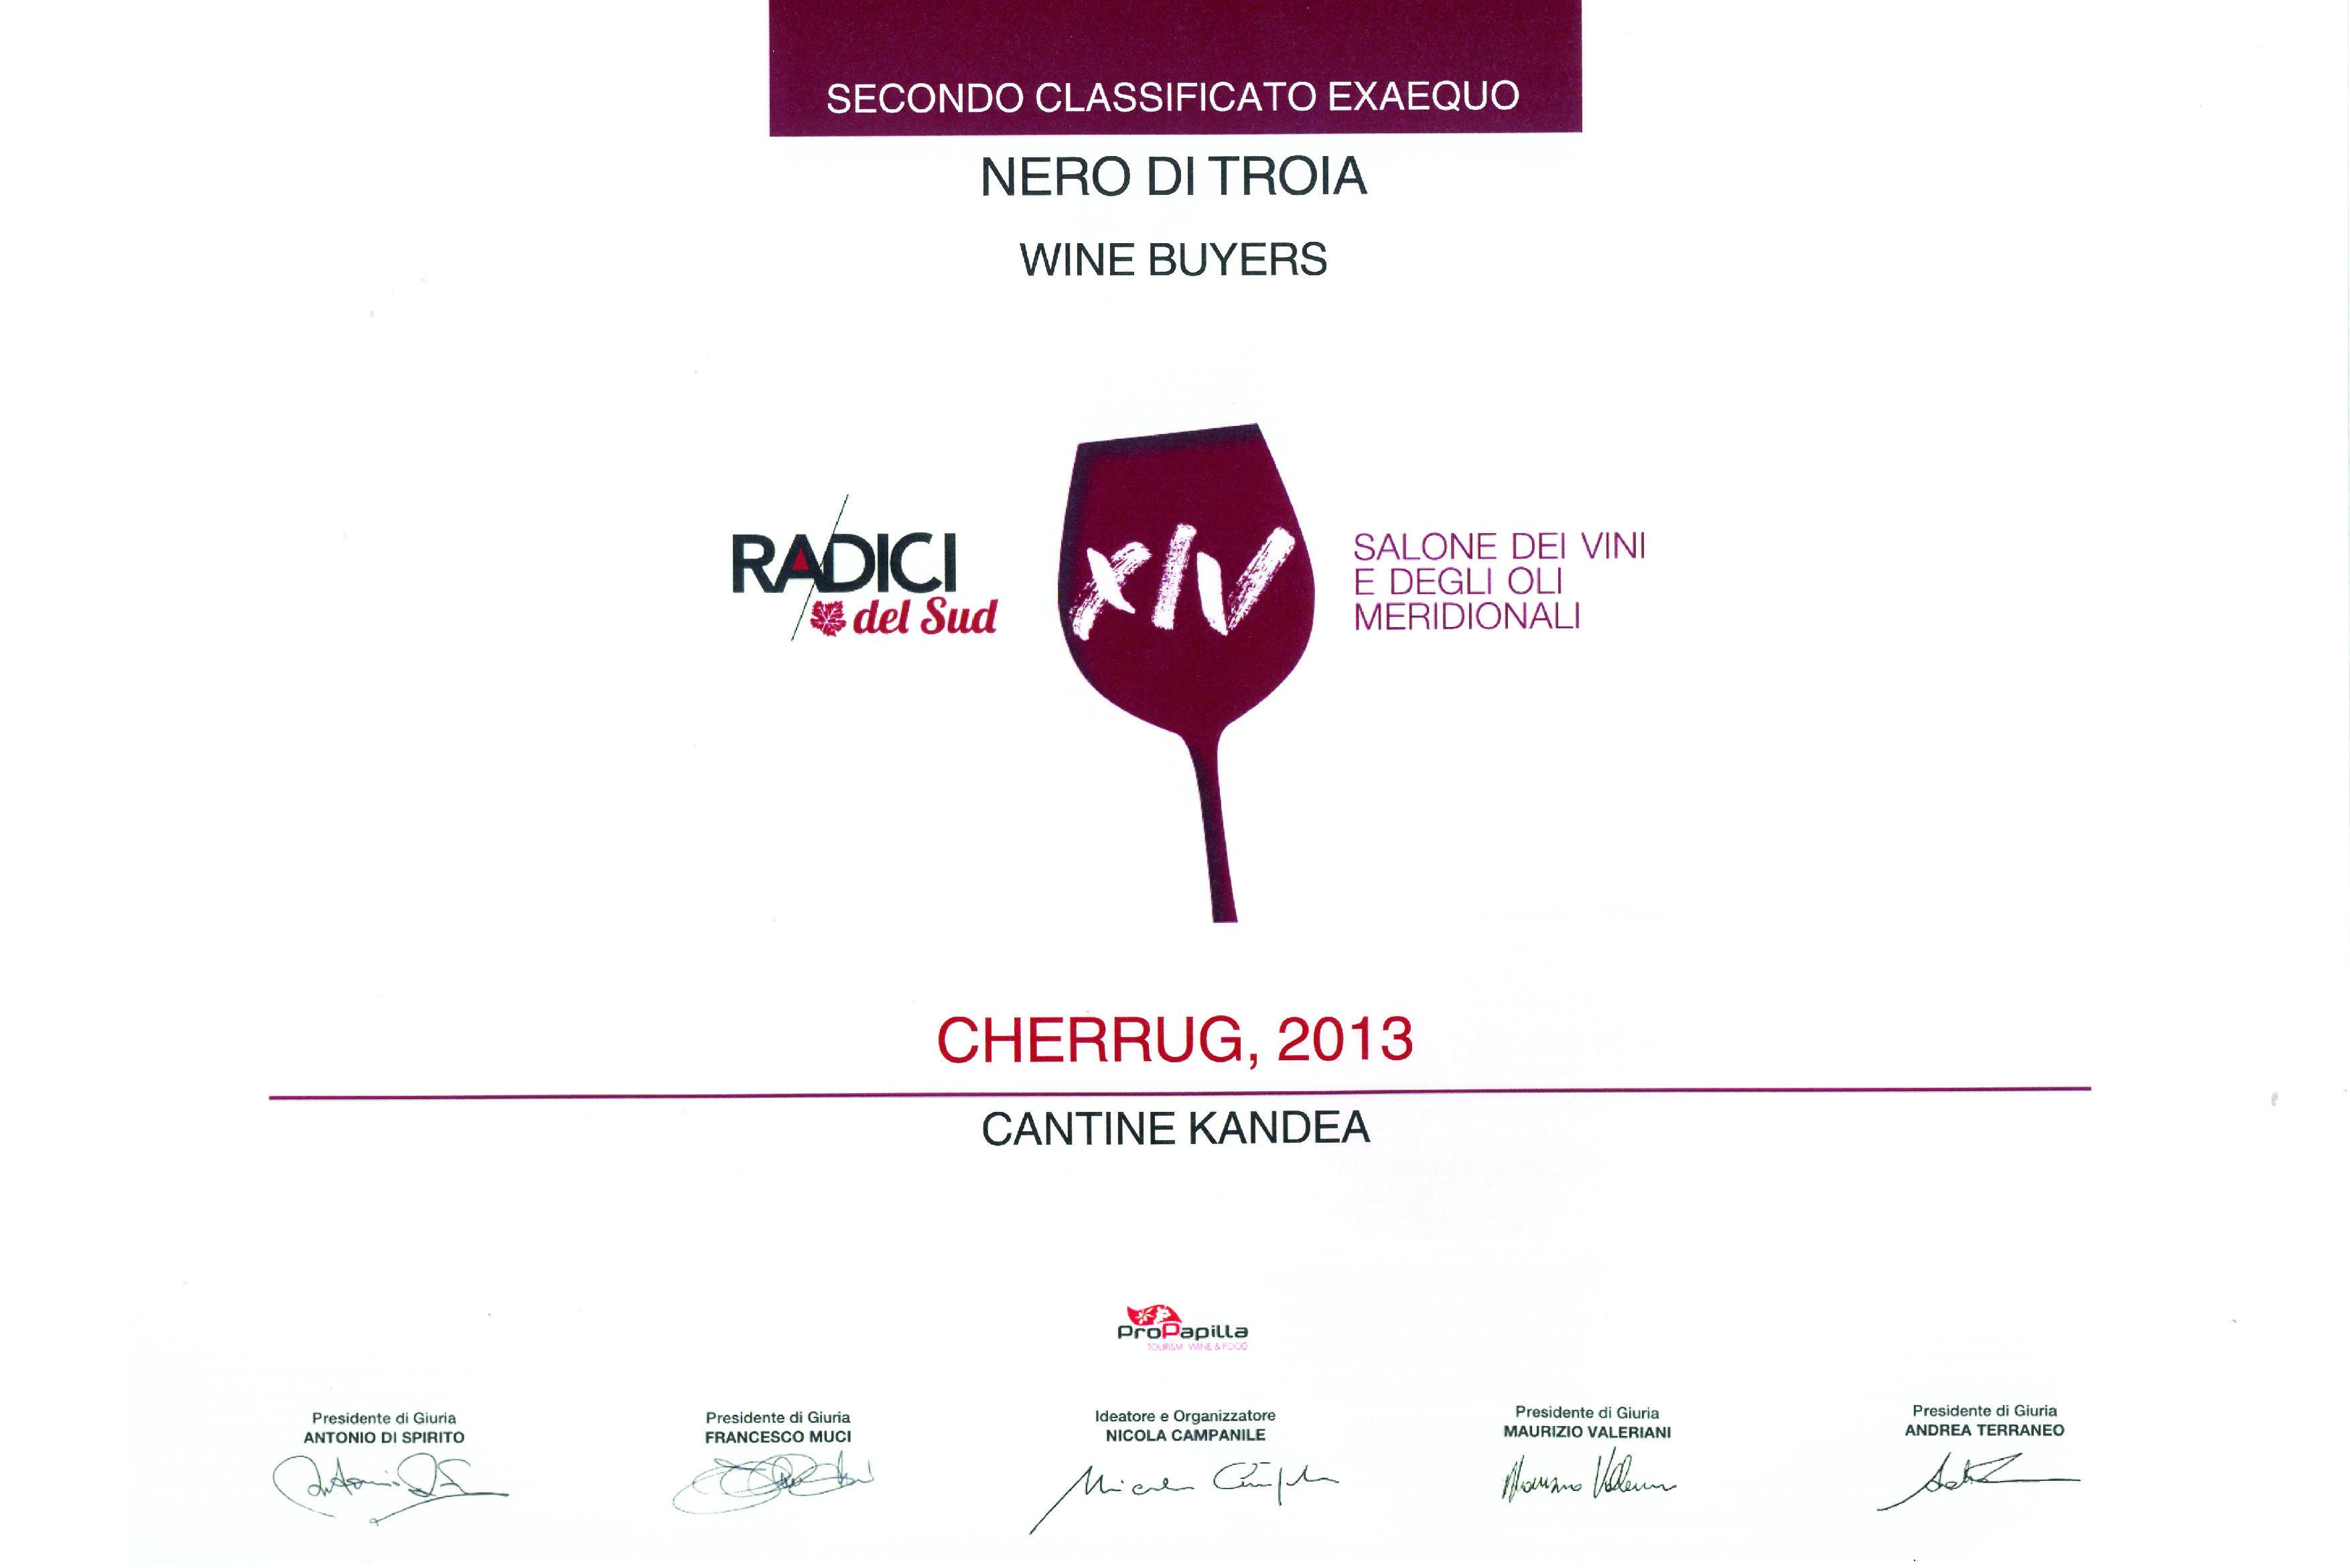 CHERRUG 2013 - 1° vino premiato RADICI 2019